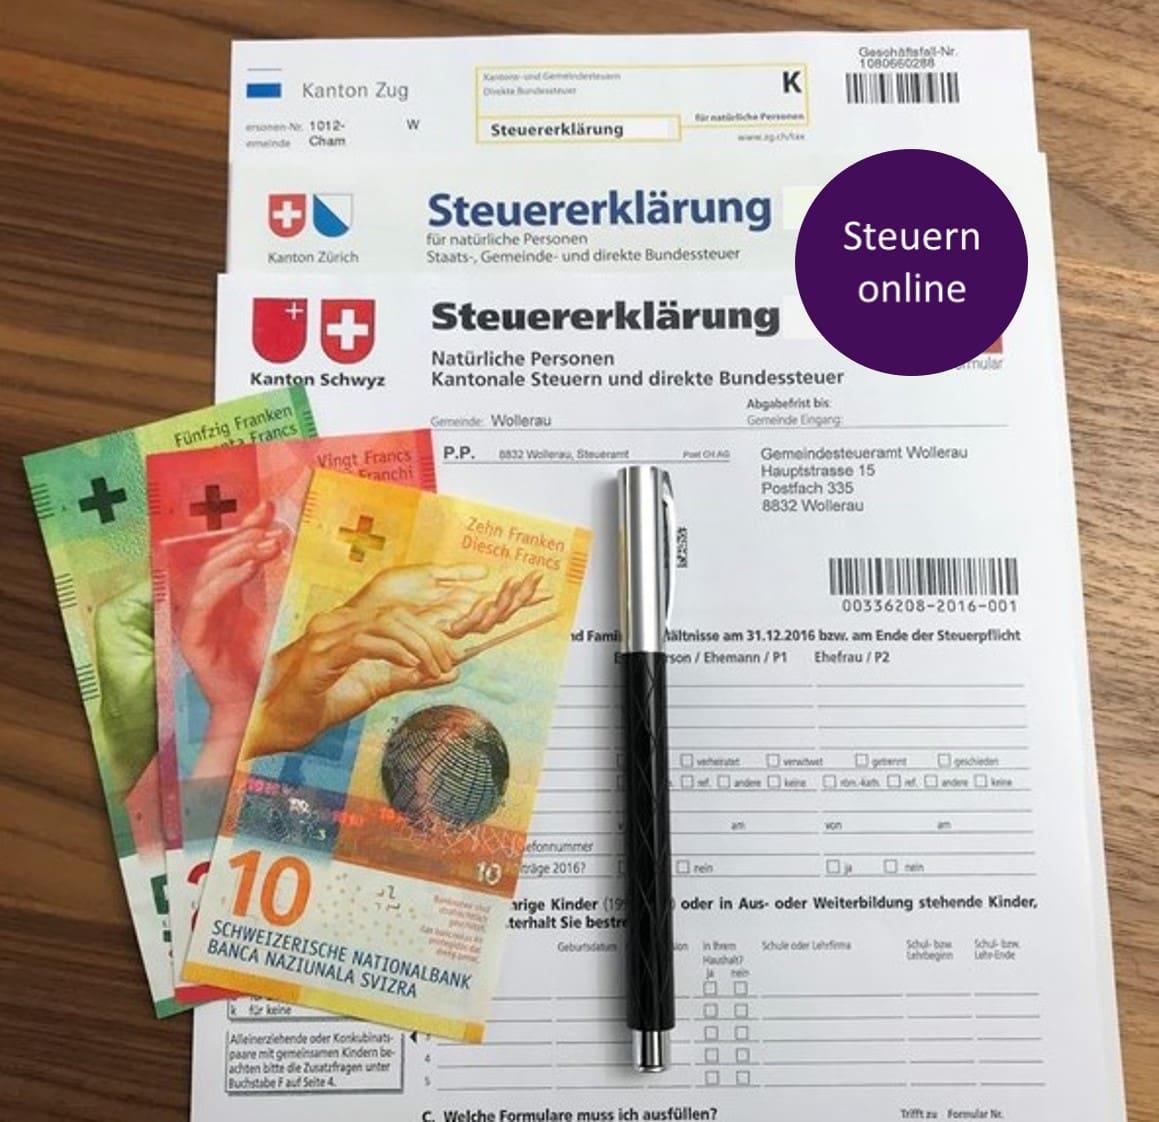 Treuhand Dienstleistungen & Steuerberater in Zug - Zanuco Treuhand